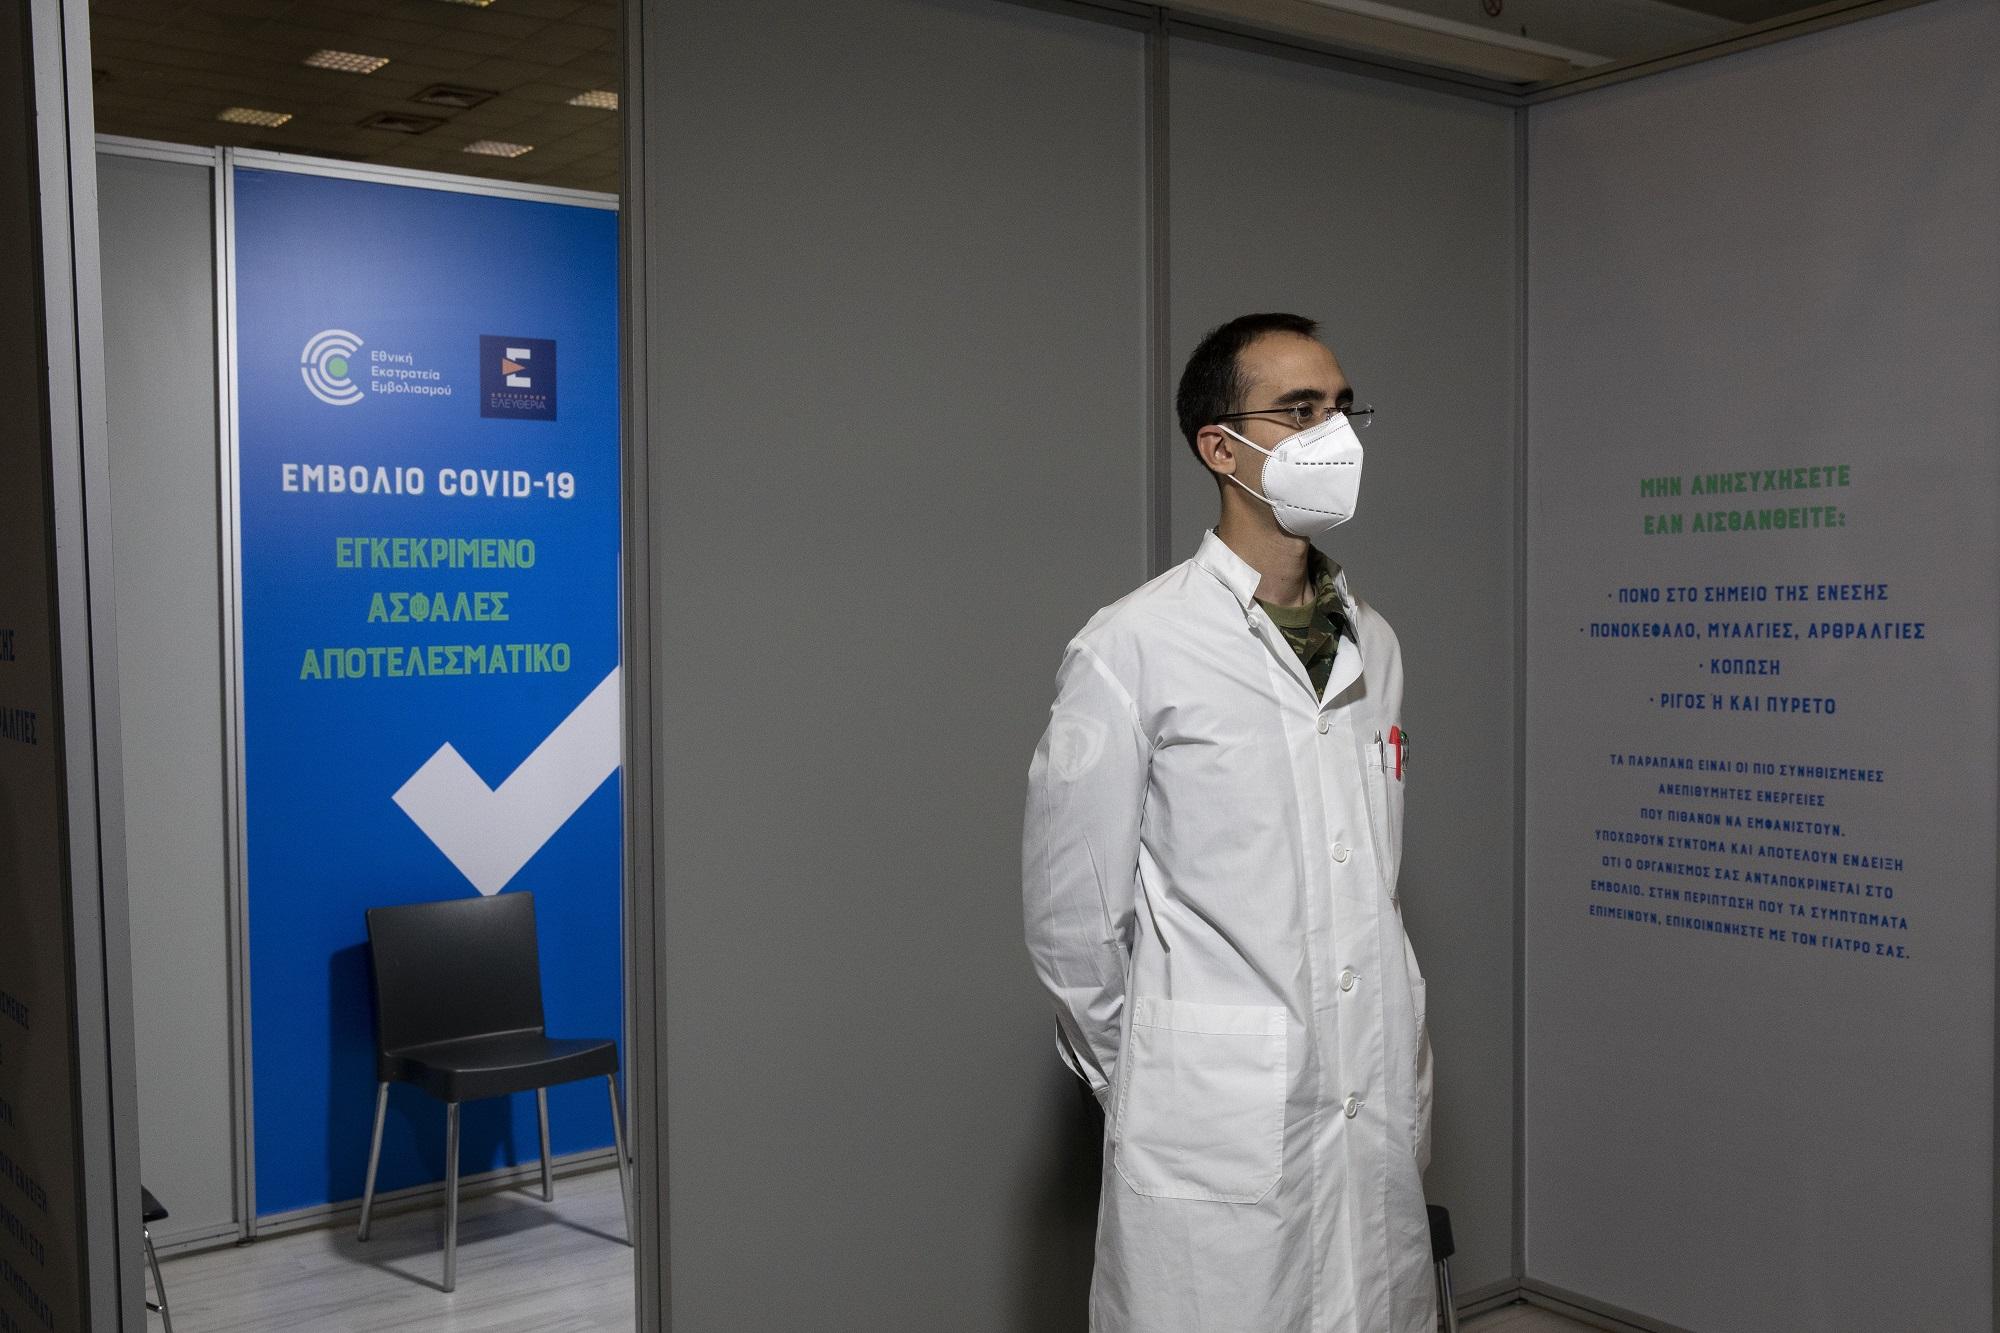 Ανησυχία για τη βραζιλιάνικη μετάλλαξη στην Ελλάδα – Ανεβάζουν ταχύτητα οι εμβολιασμοί (video)